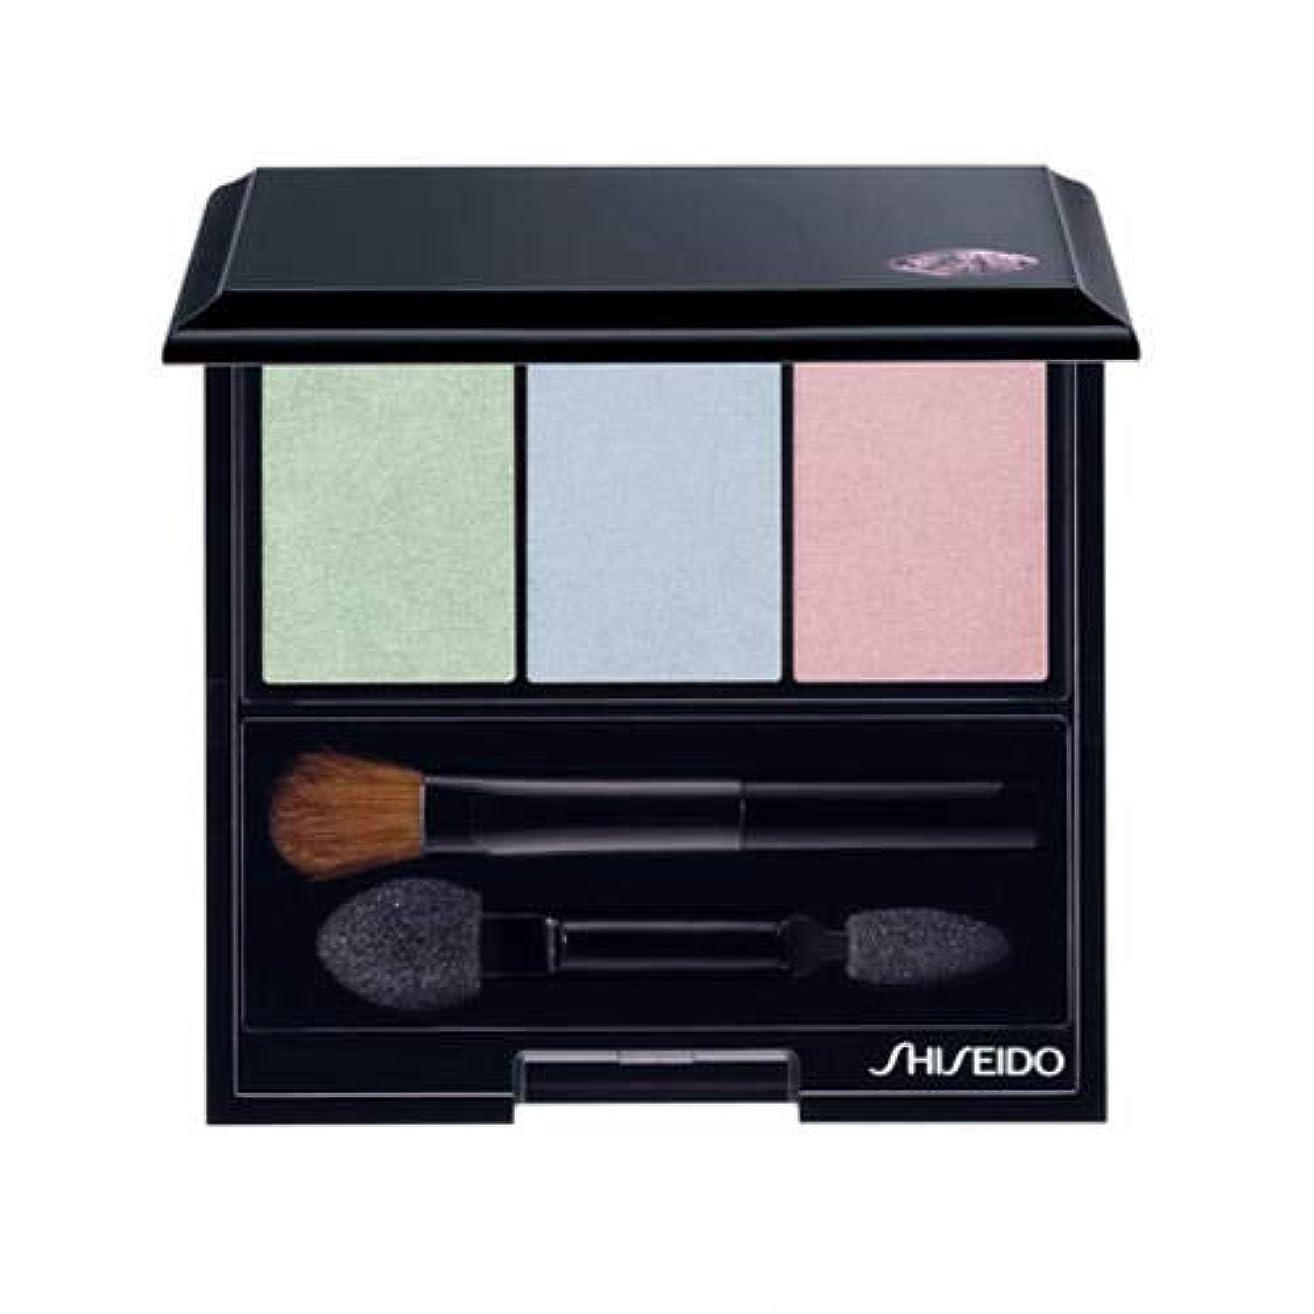 スキー読者テレビ資生堂 ルミナイジング サテン アイカラー トリオ BL215(Shiseido Luminizing Satin Eye Color Trio BL215) [並行輸入品]